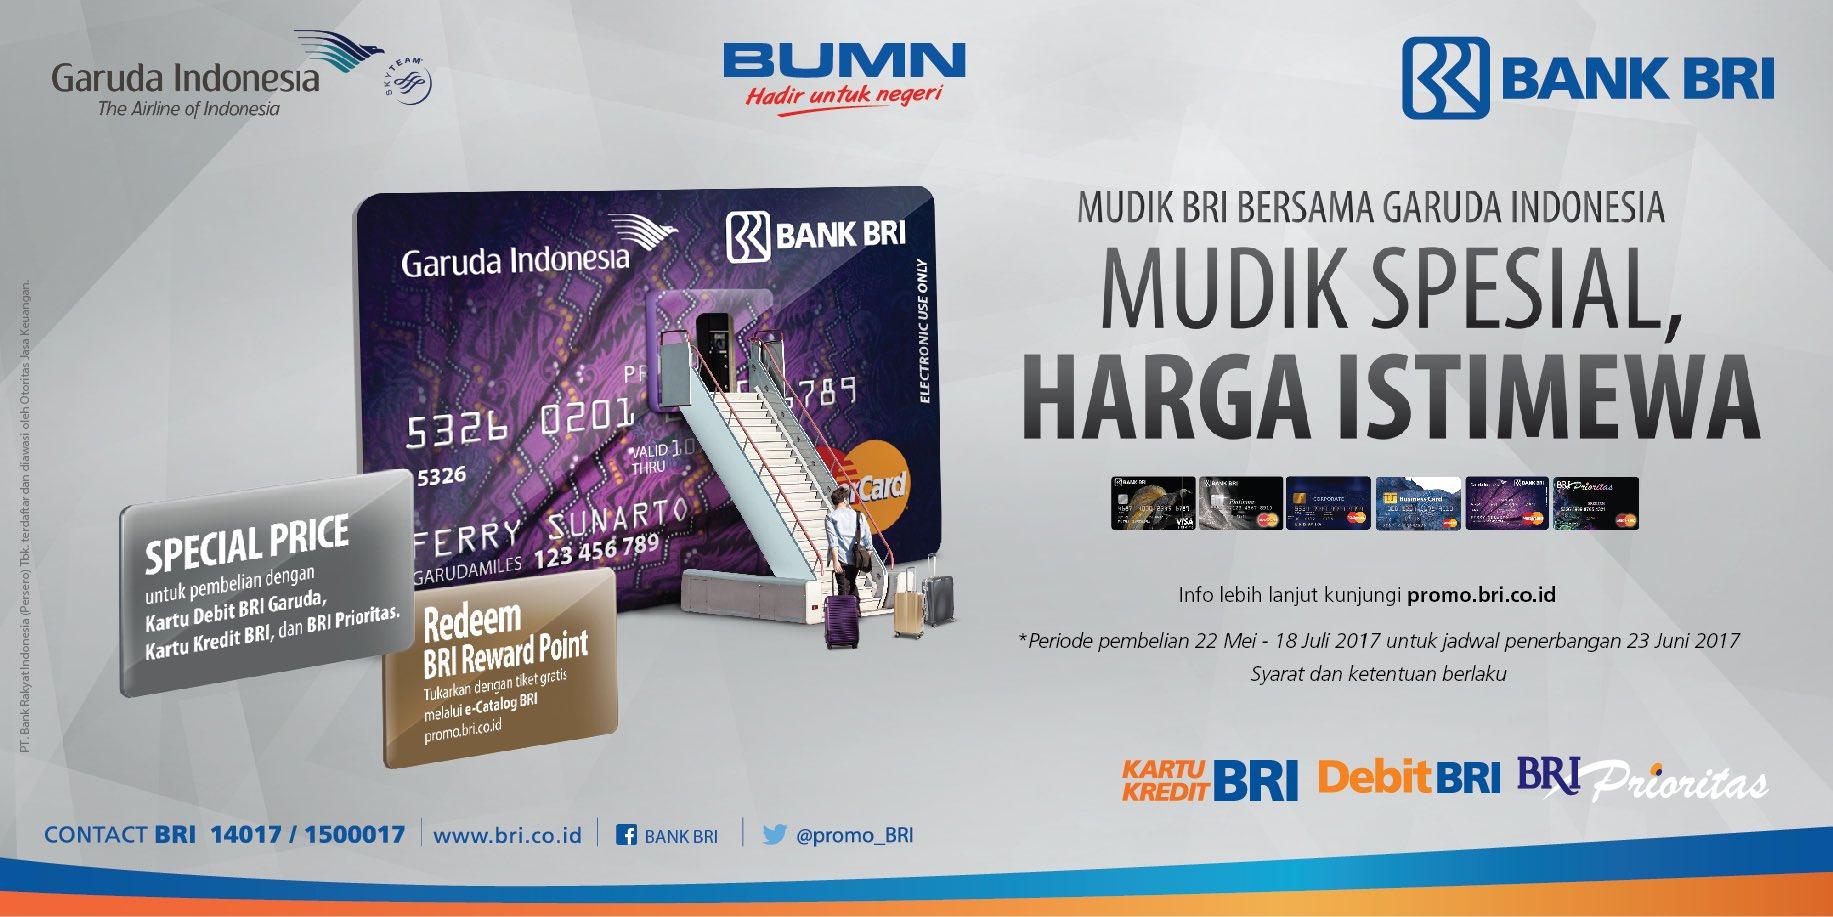 Manfaatkan penawaran terbaik dari Kartu BRI untuk pembelian tiket mudik @IndonesiaGaruda sekarang juga! https://t.co/7dAmtKV5Af